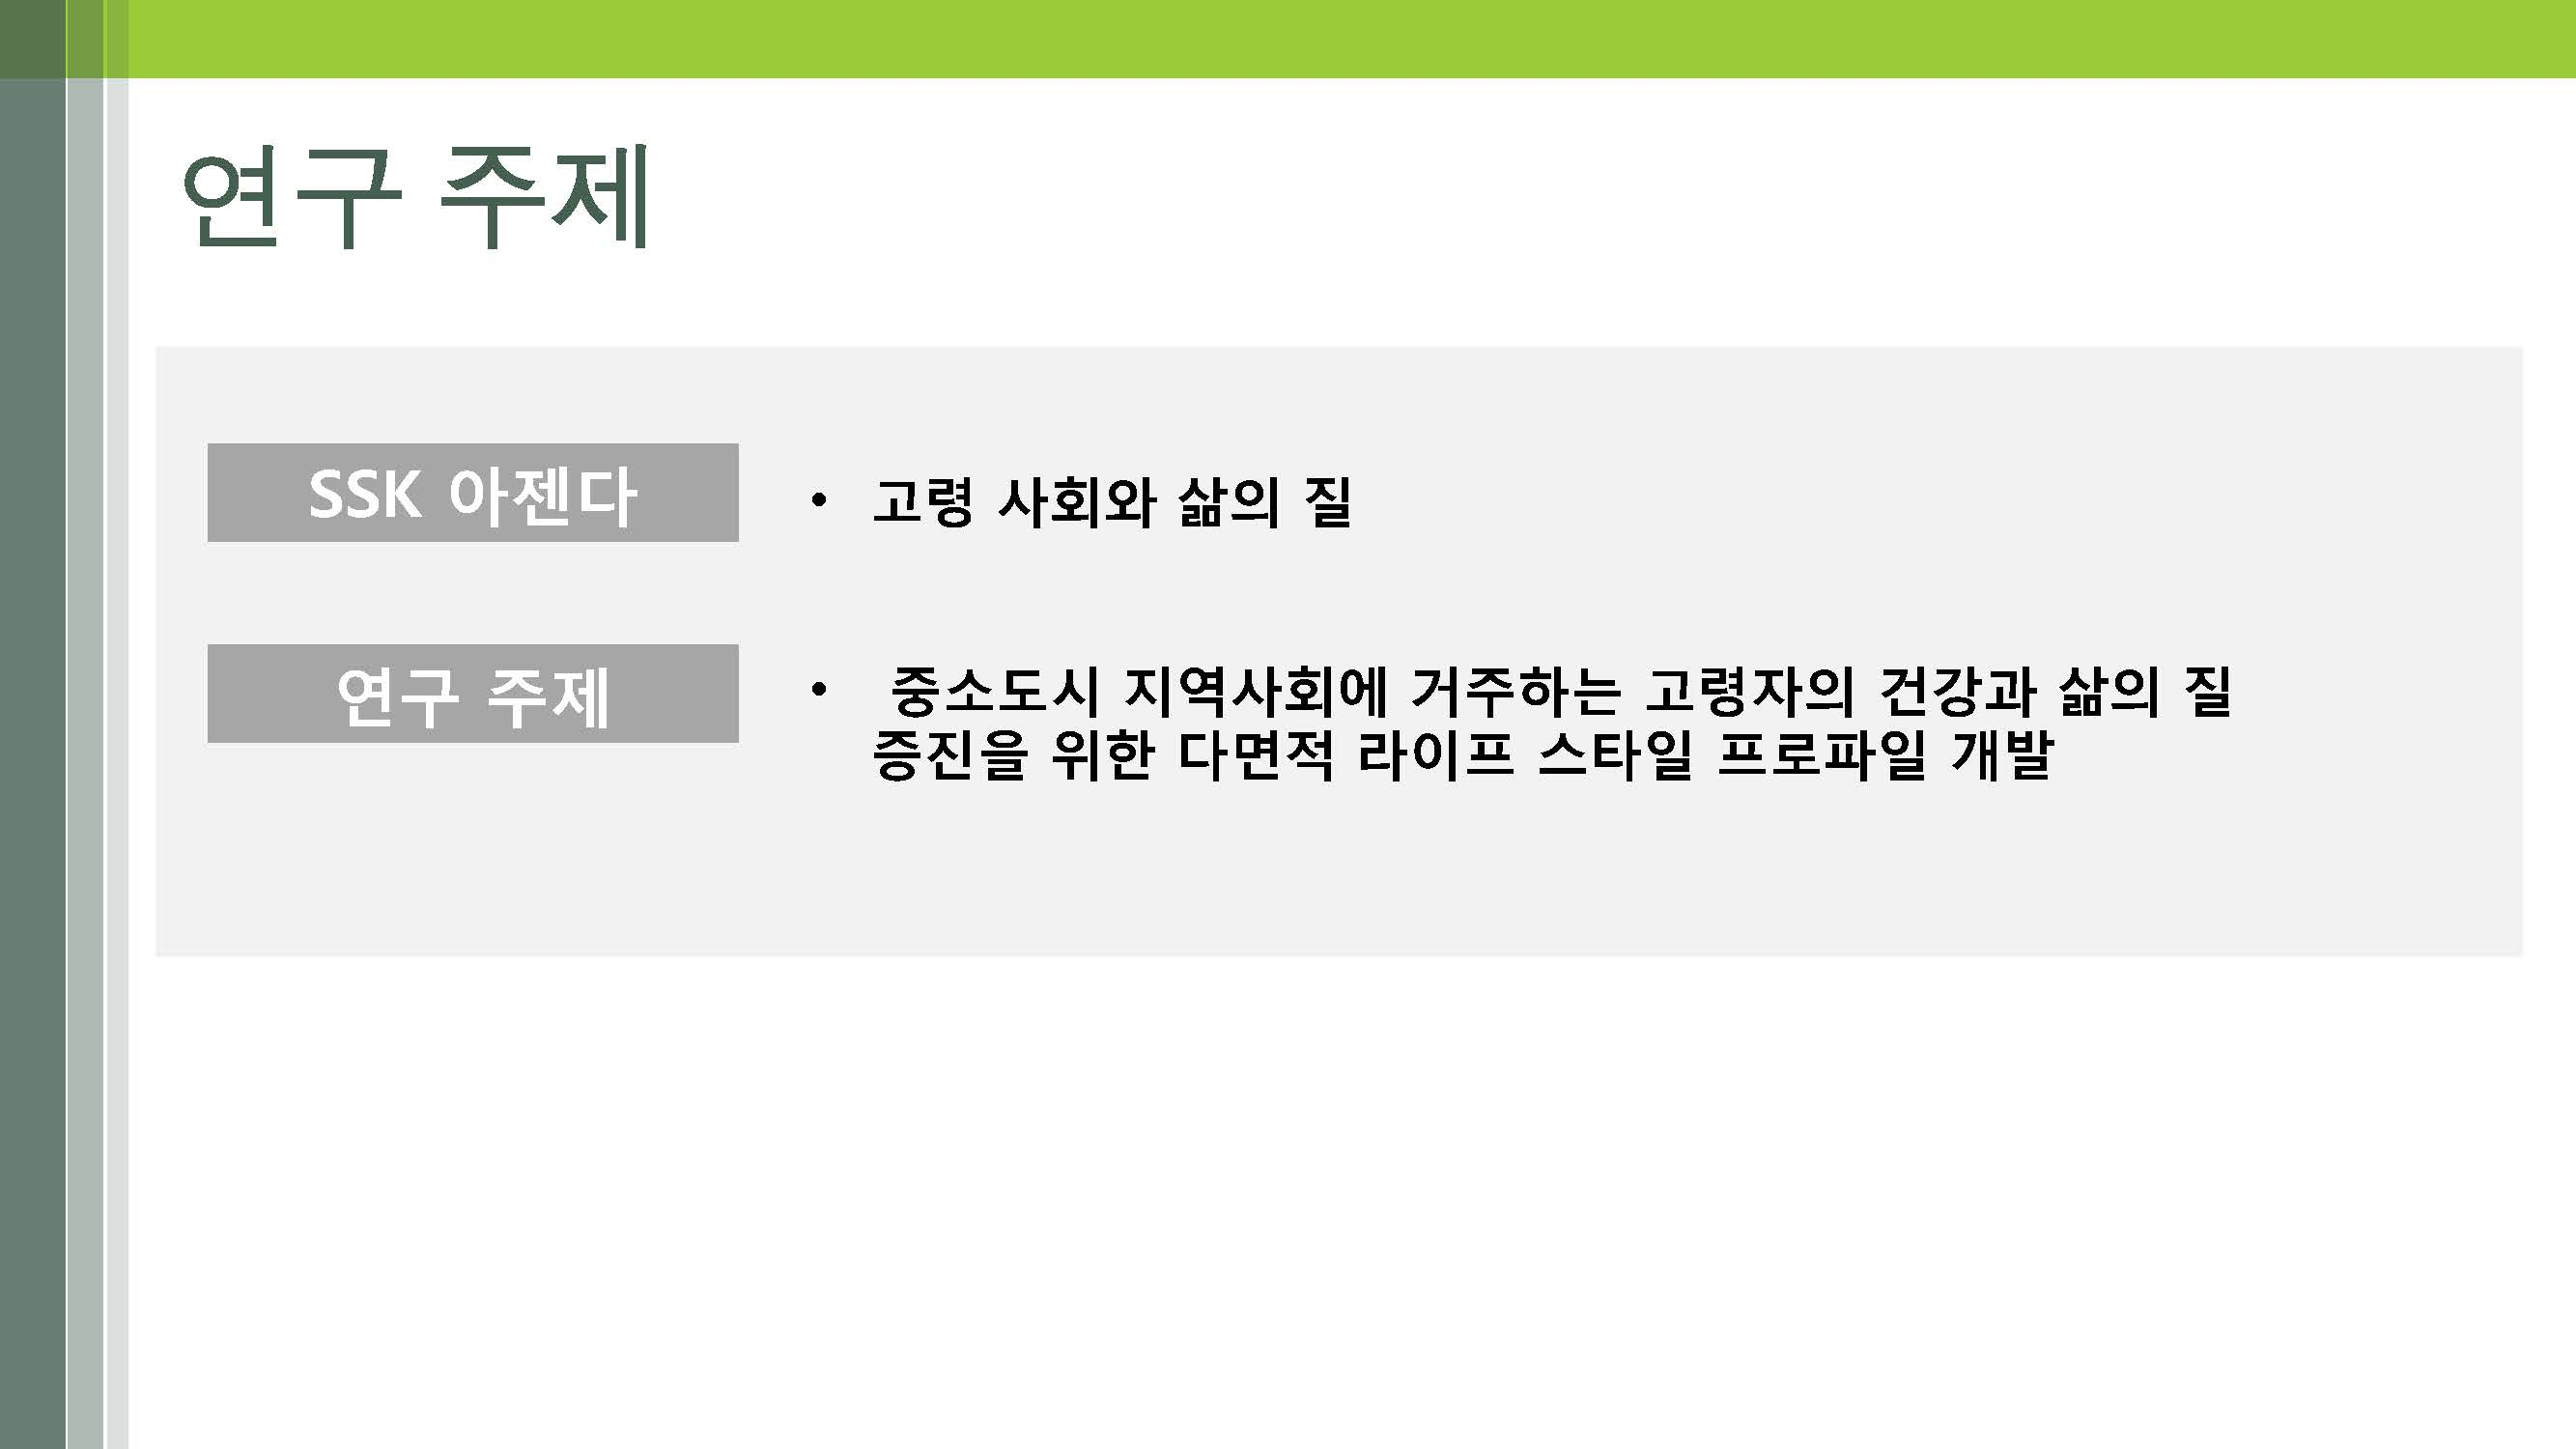 노인의 다면적 라이프스타일 개발(연세대-박지혁) (최종)_페이지_04